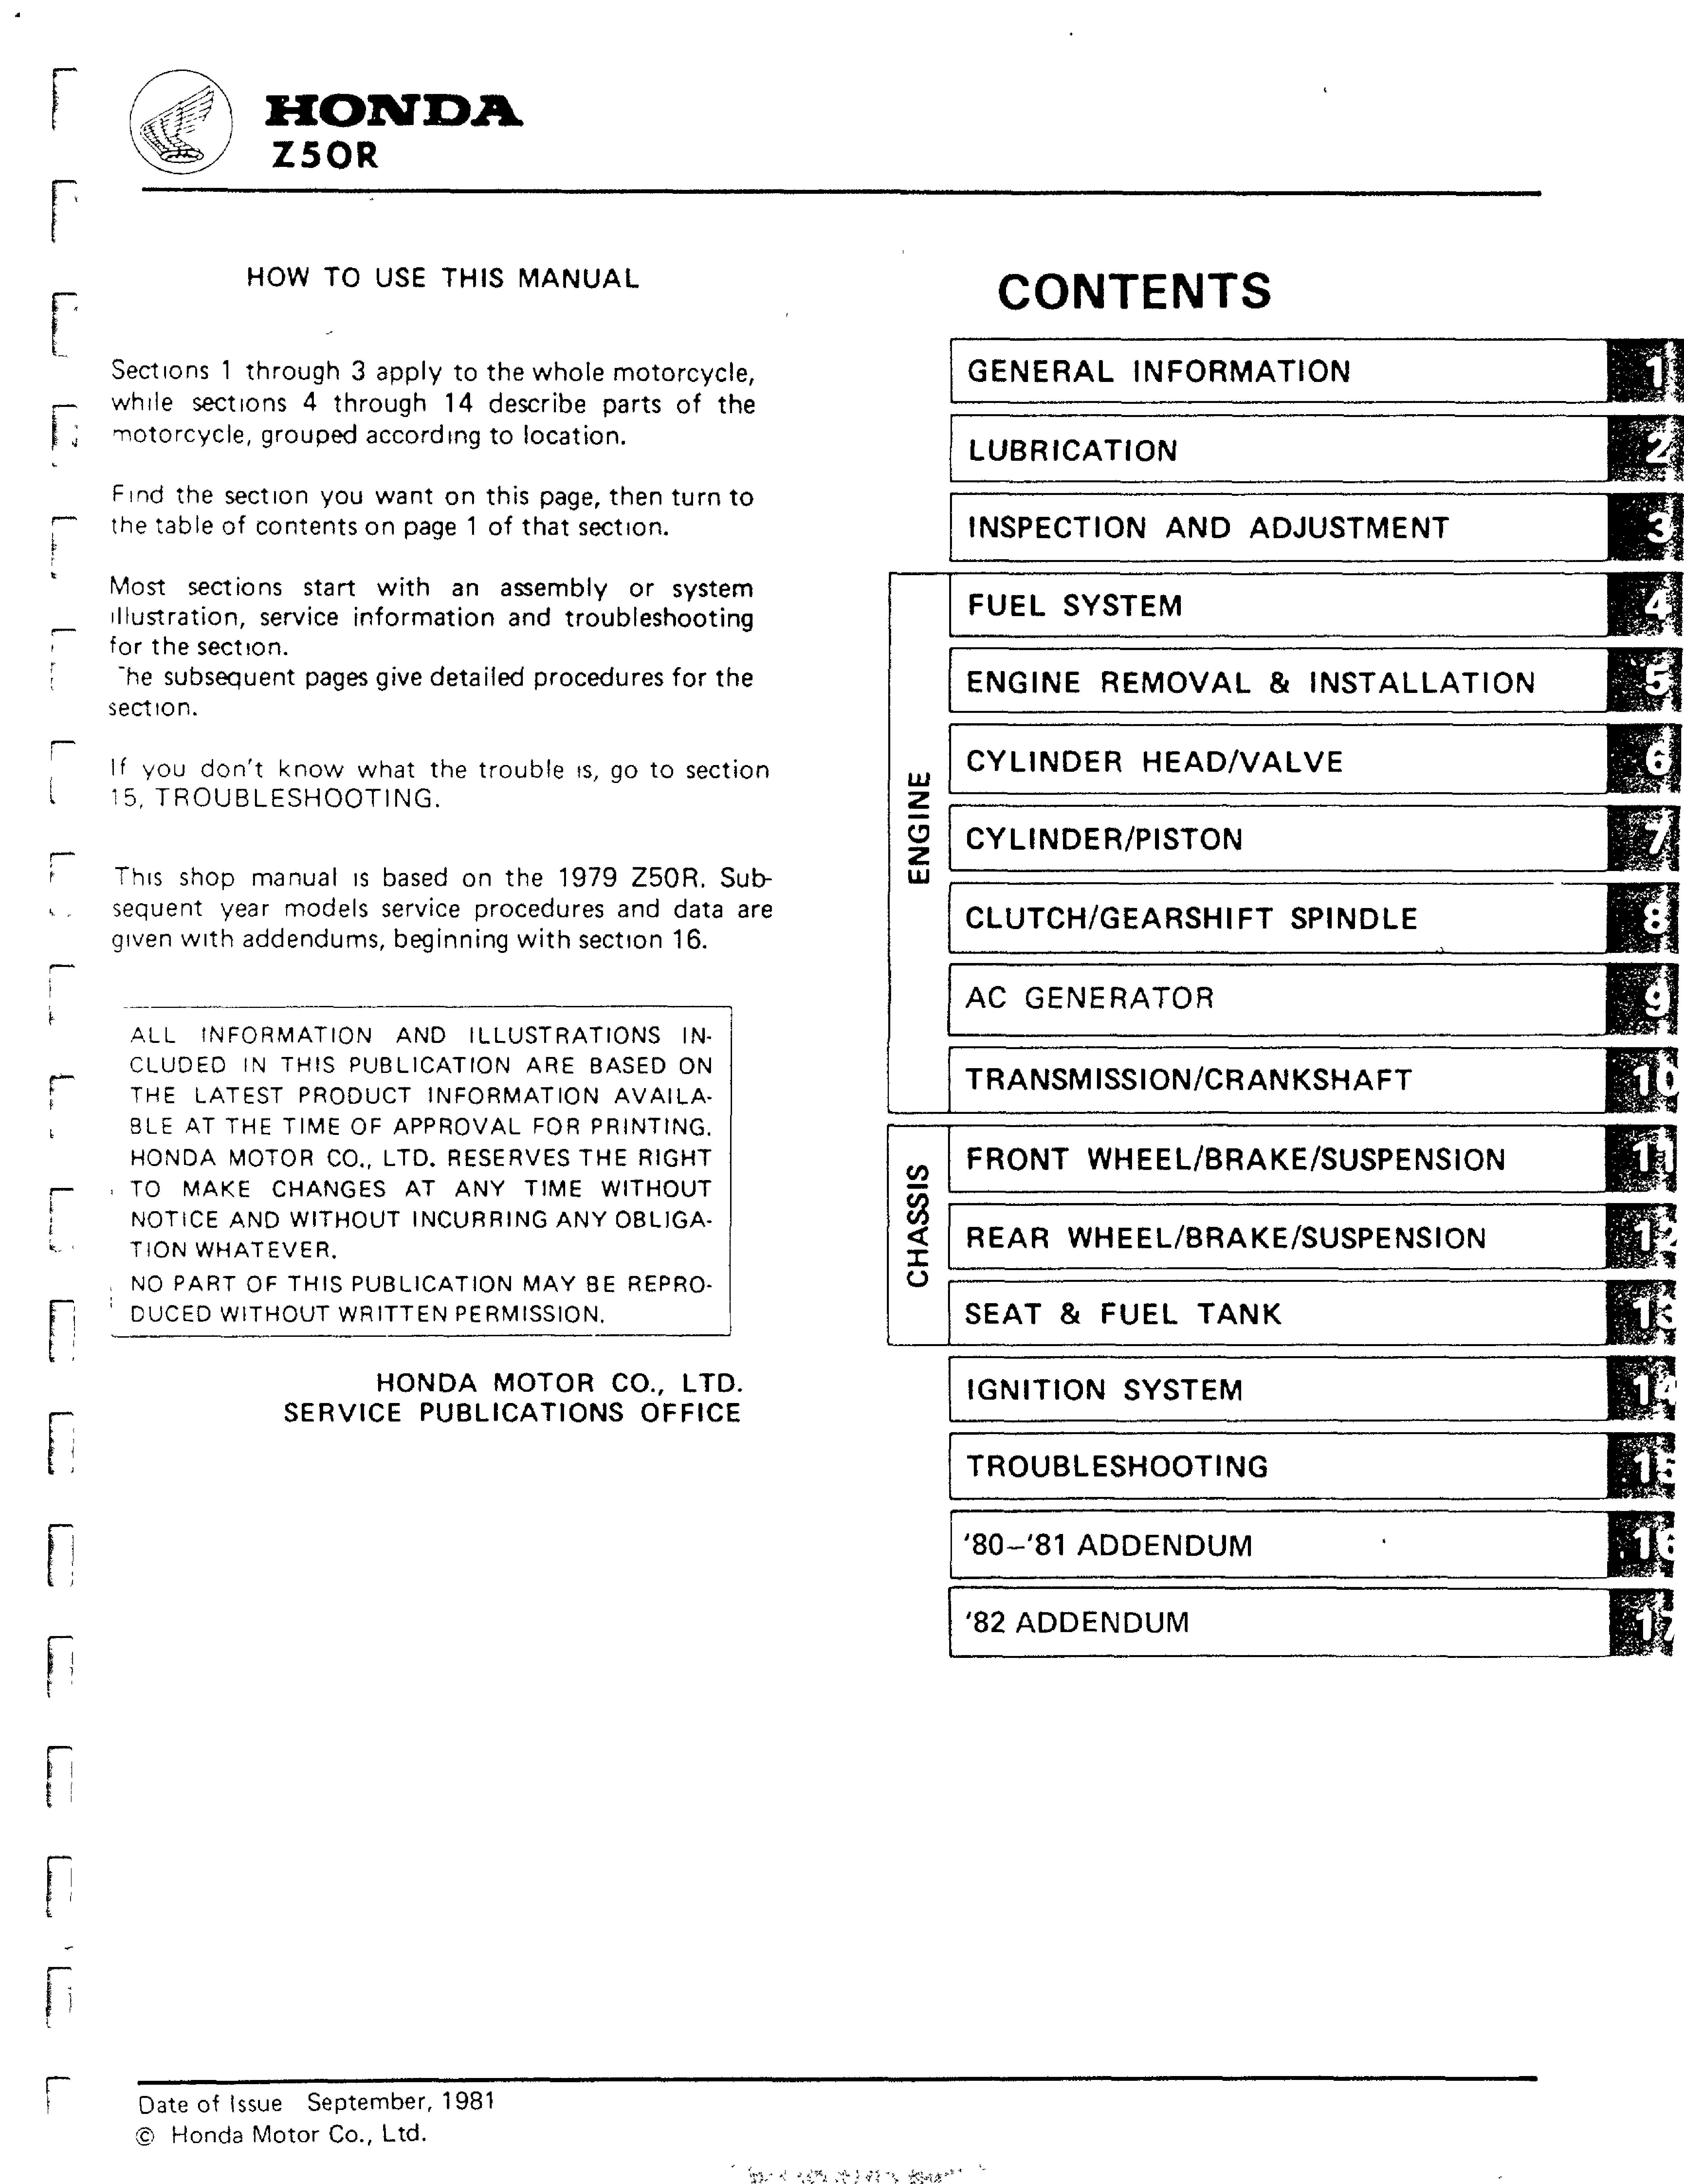 Workshop Manual for Honda Z50R (1980-1982)